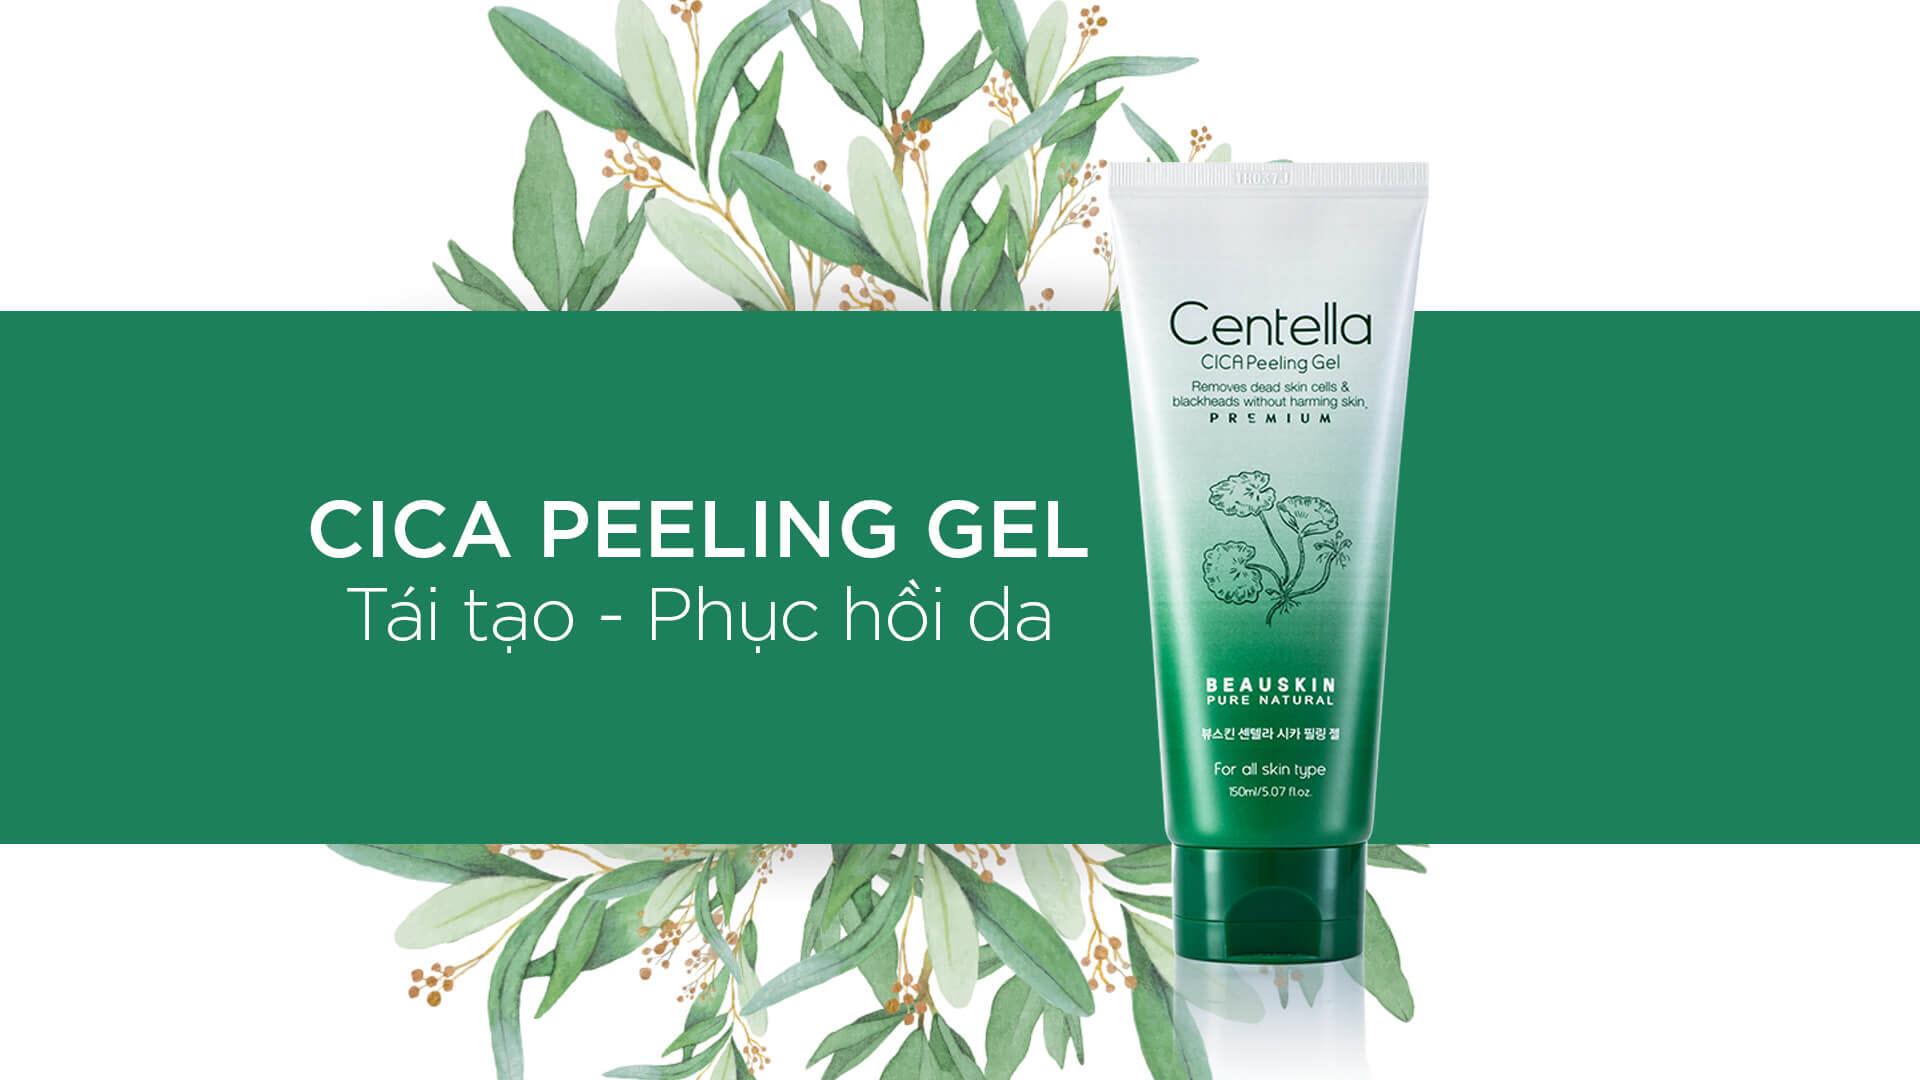 Tẩy Da Chết Mới Centella Cica Peeling Gel Beauskin 150ml